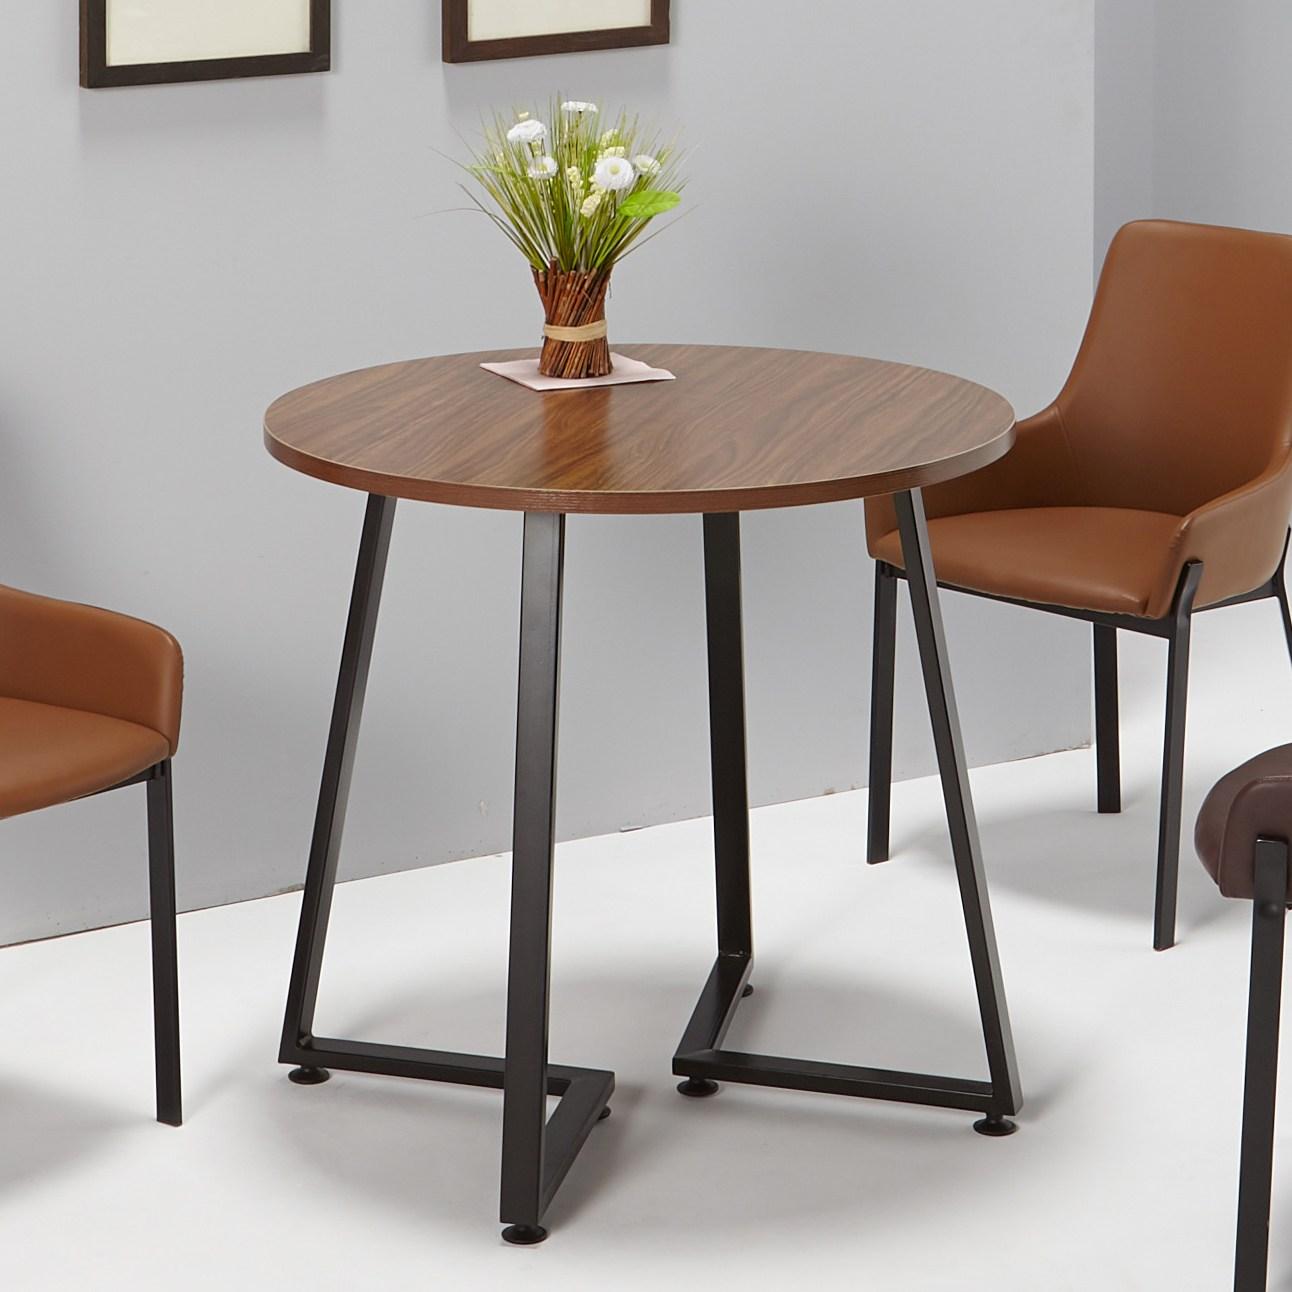 퍼니츠 테이블모음전 600 700 800 테이블 카페테이블 부부테이블 식탁, 800 쥬퐁 월넛